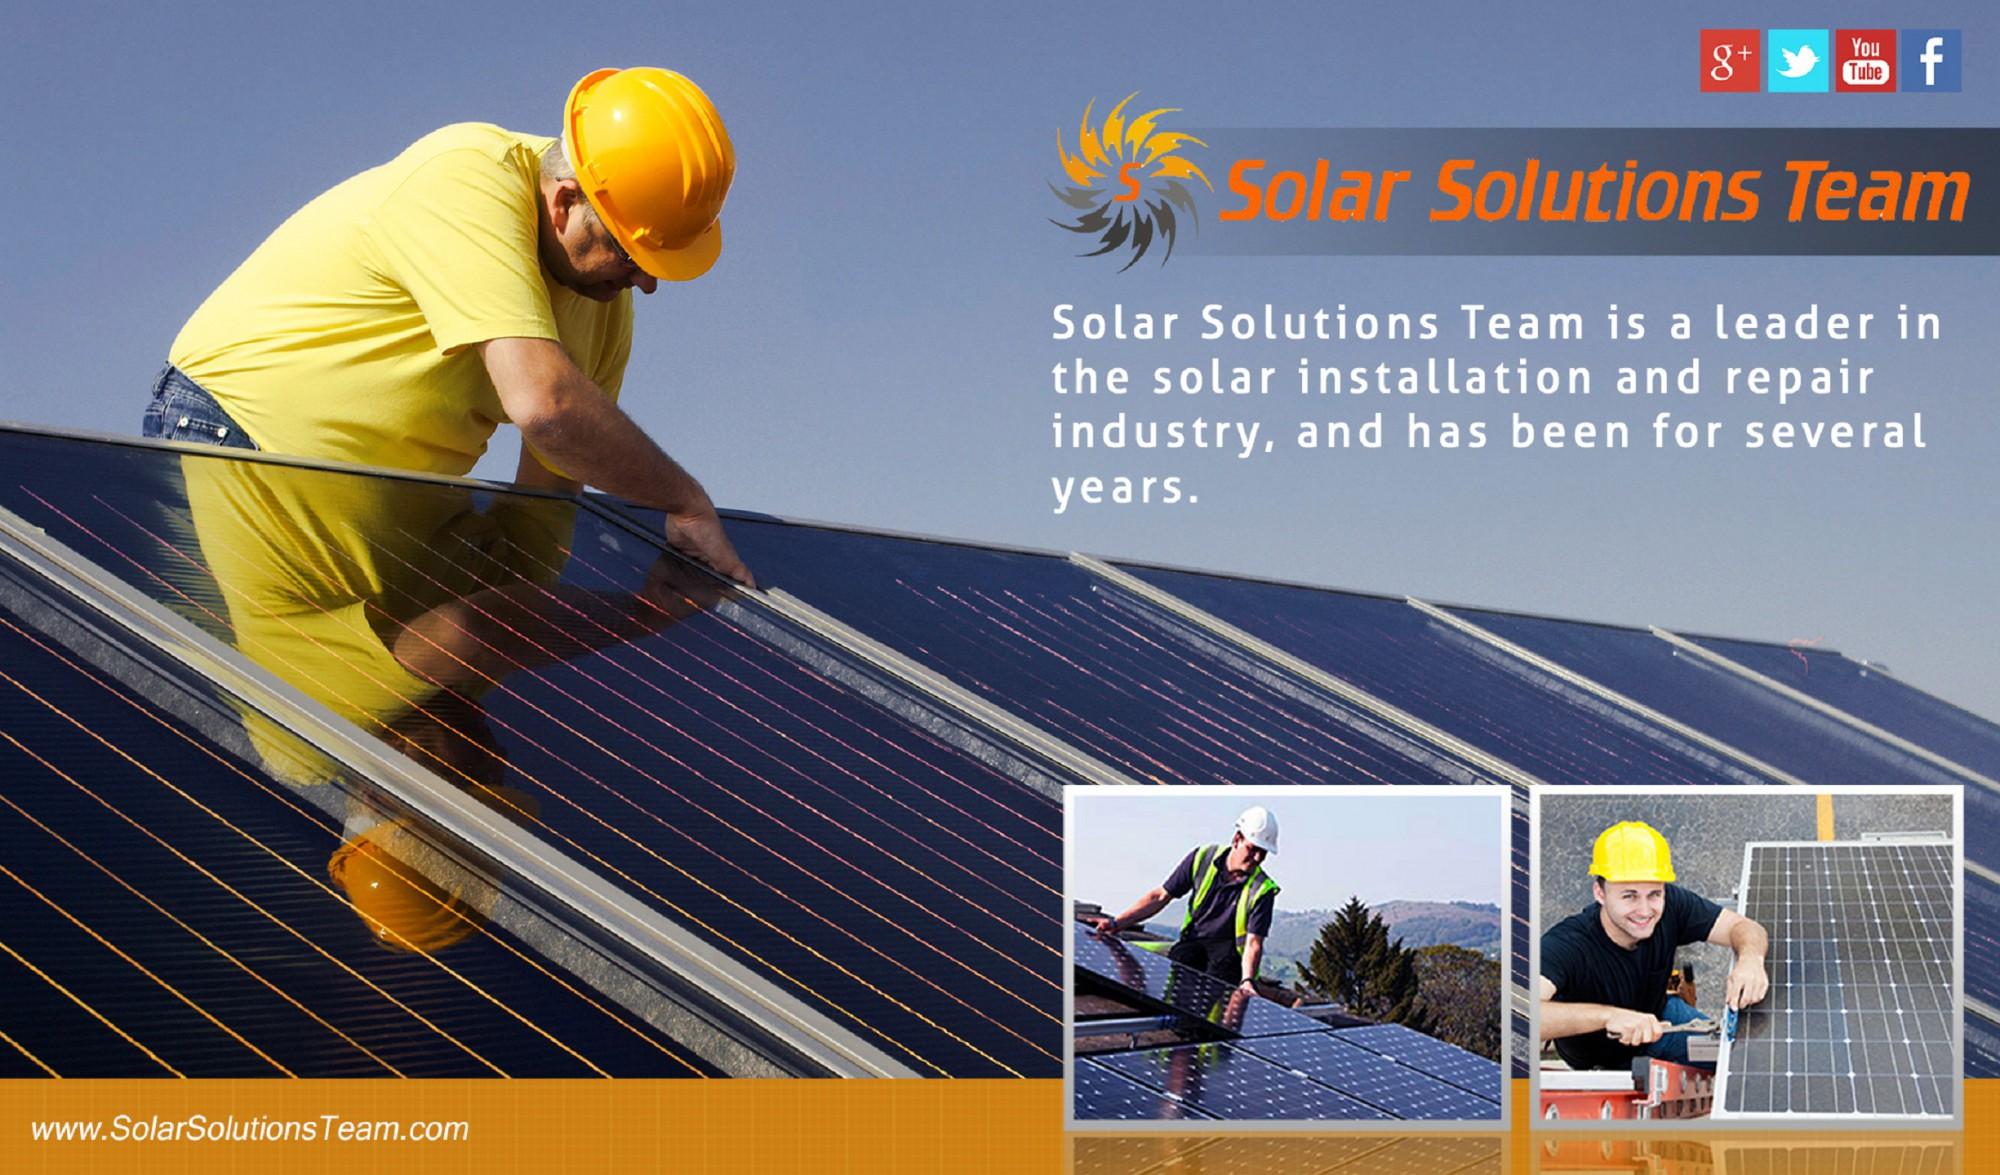 Solar Solutions Team